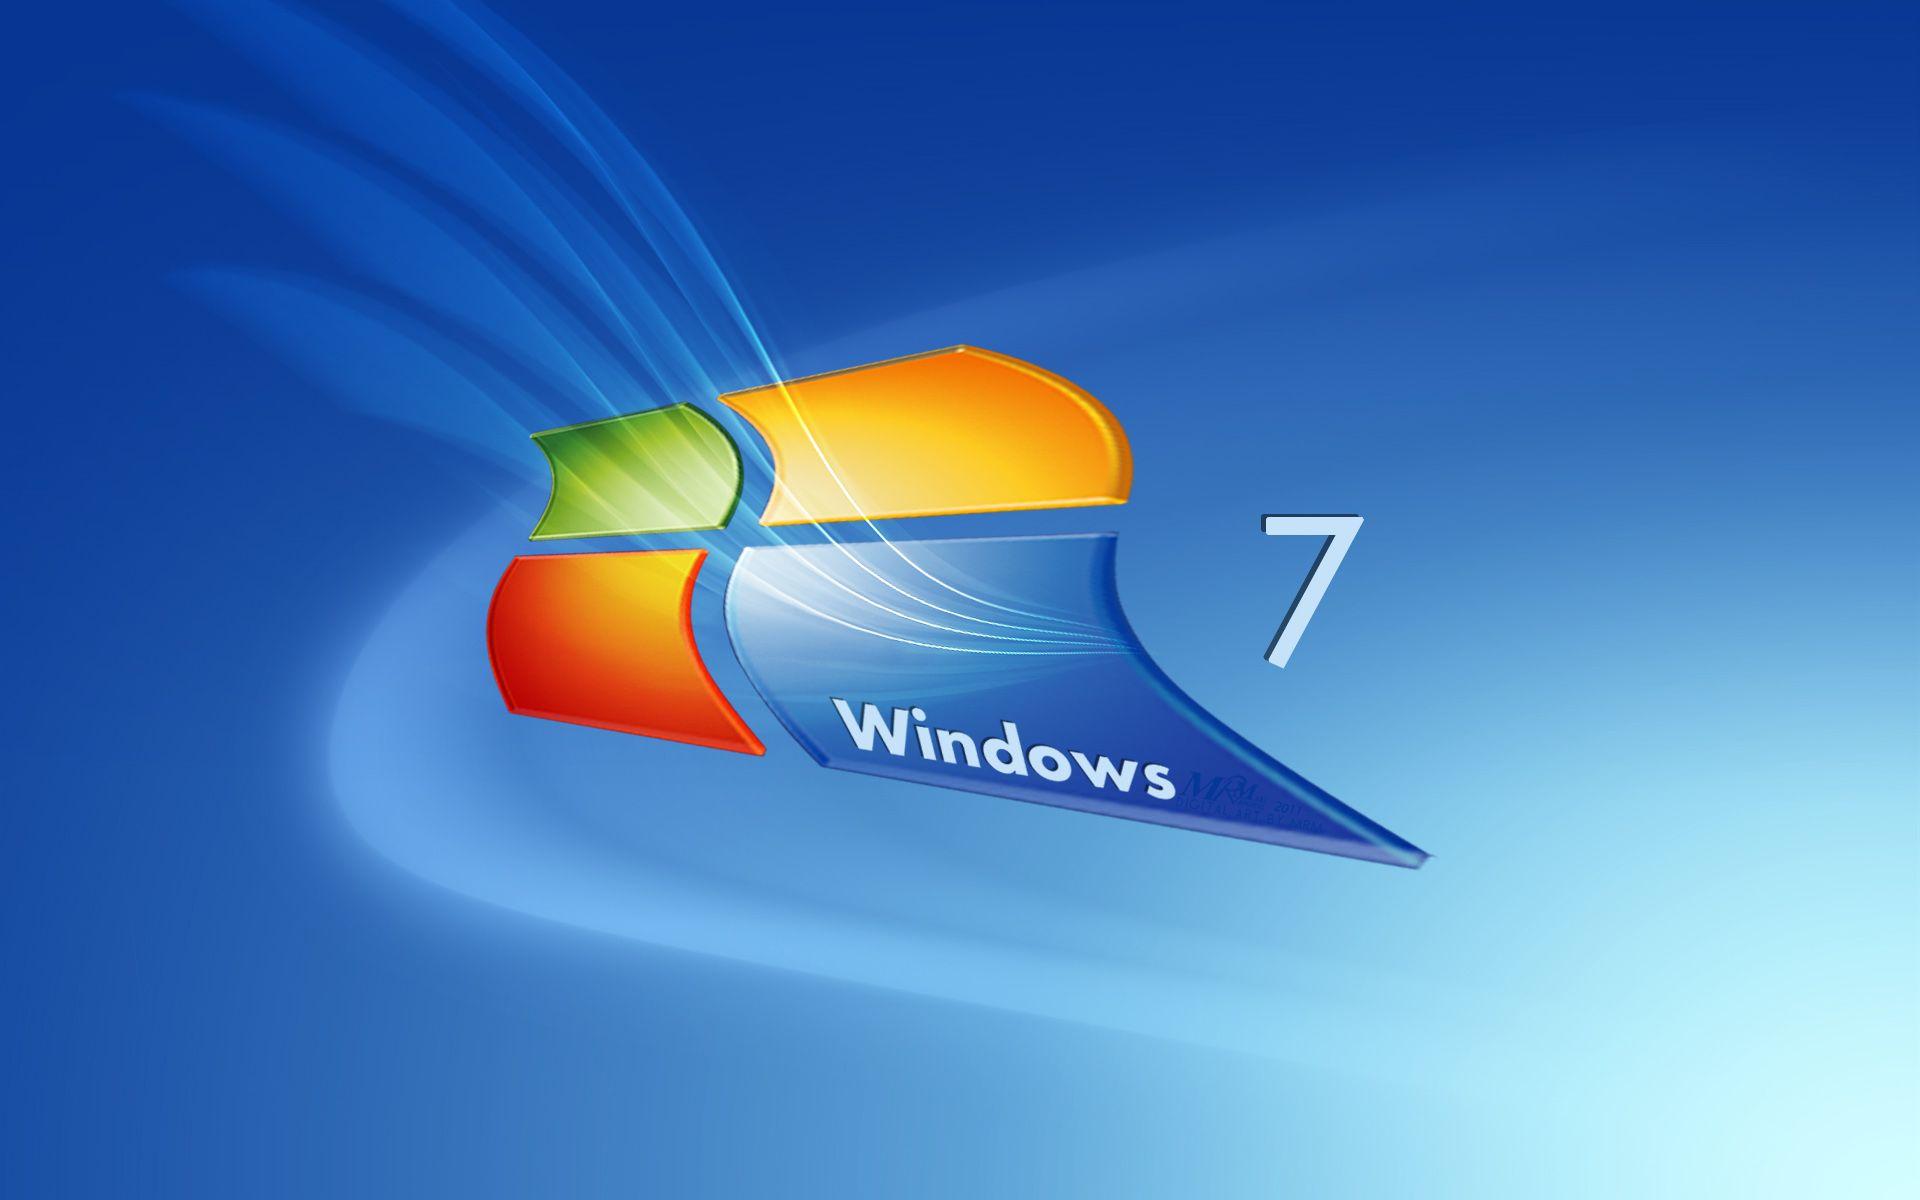 windows 7 desktop wallpaper jpg download 804582